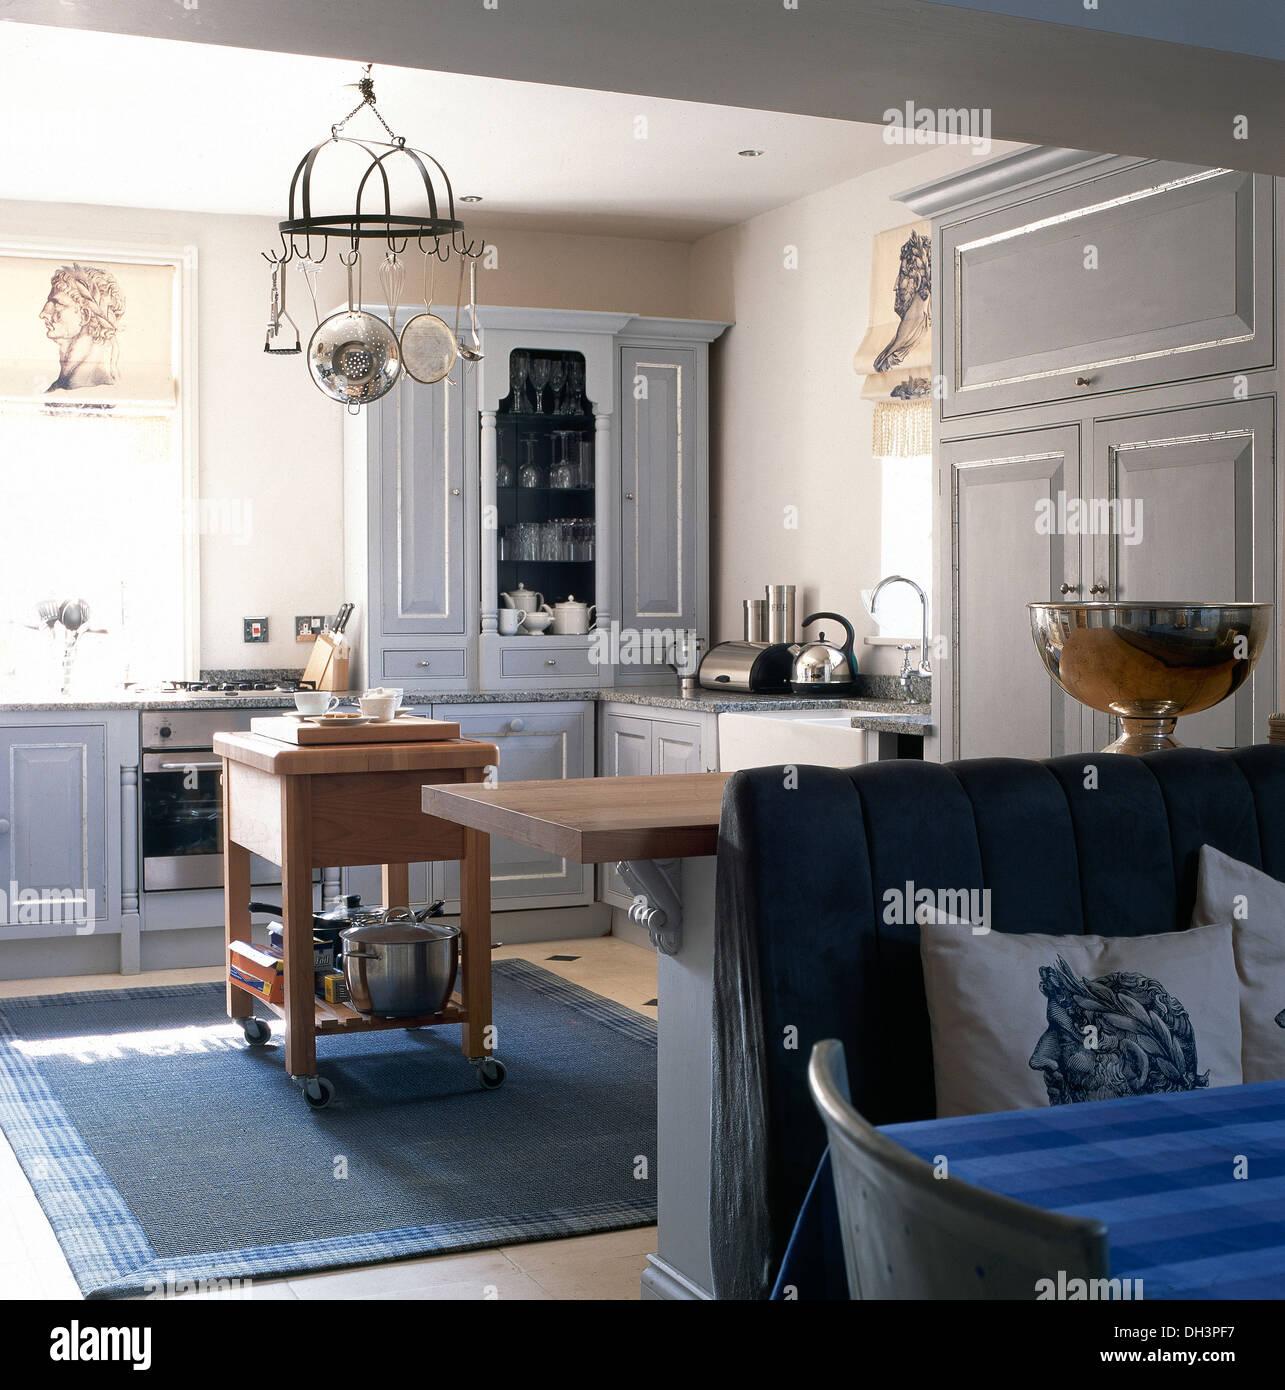 Bankett Sitzplätze Am Tisch Im Essbereich Blass Grau Küche Mit Hängenden  Topf Rack Und Metzgerei Block Und Blauen Teppich